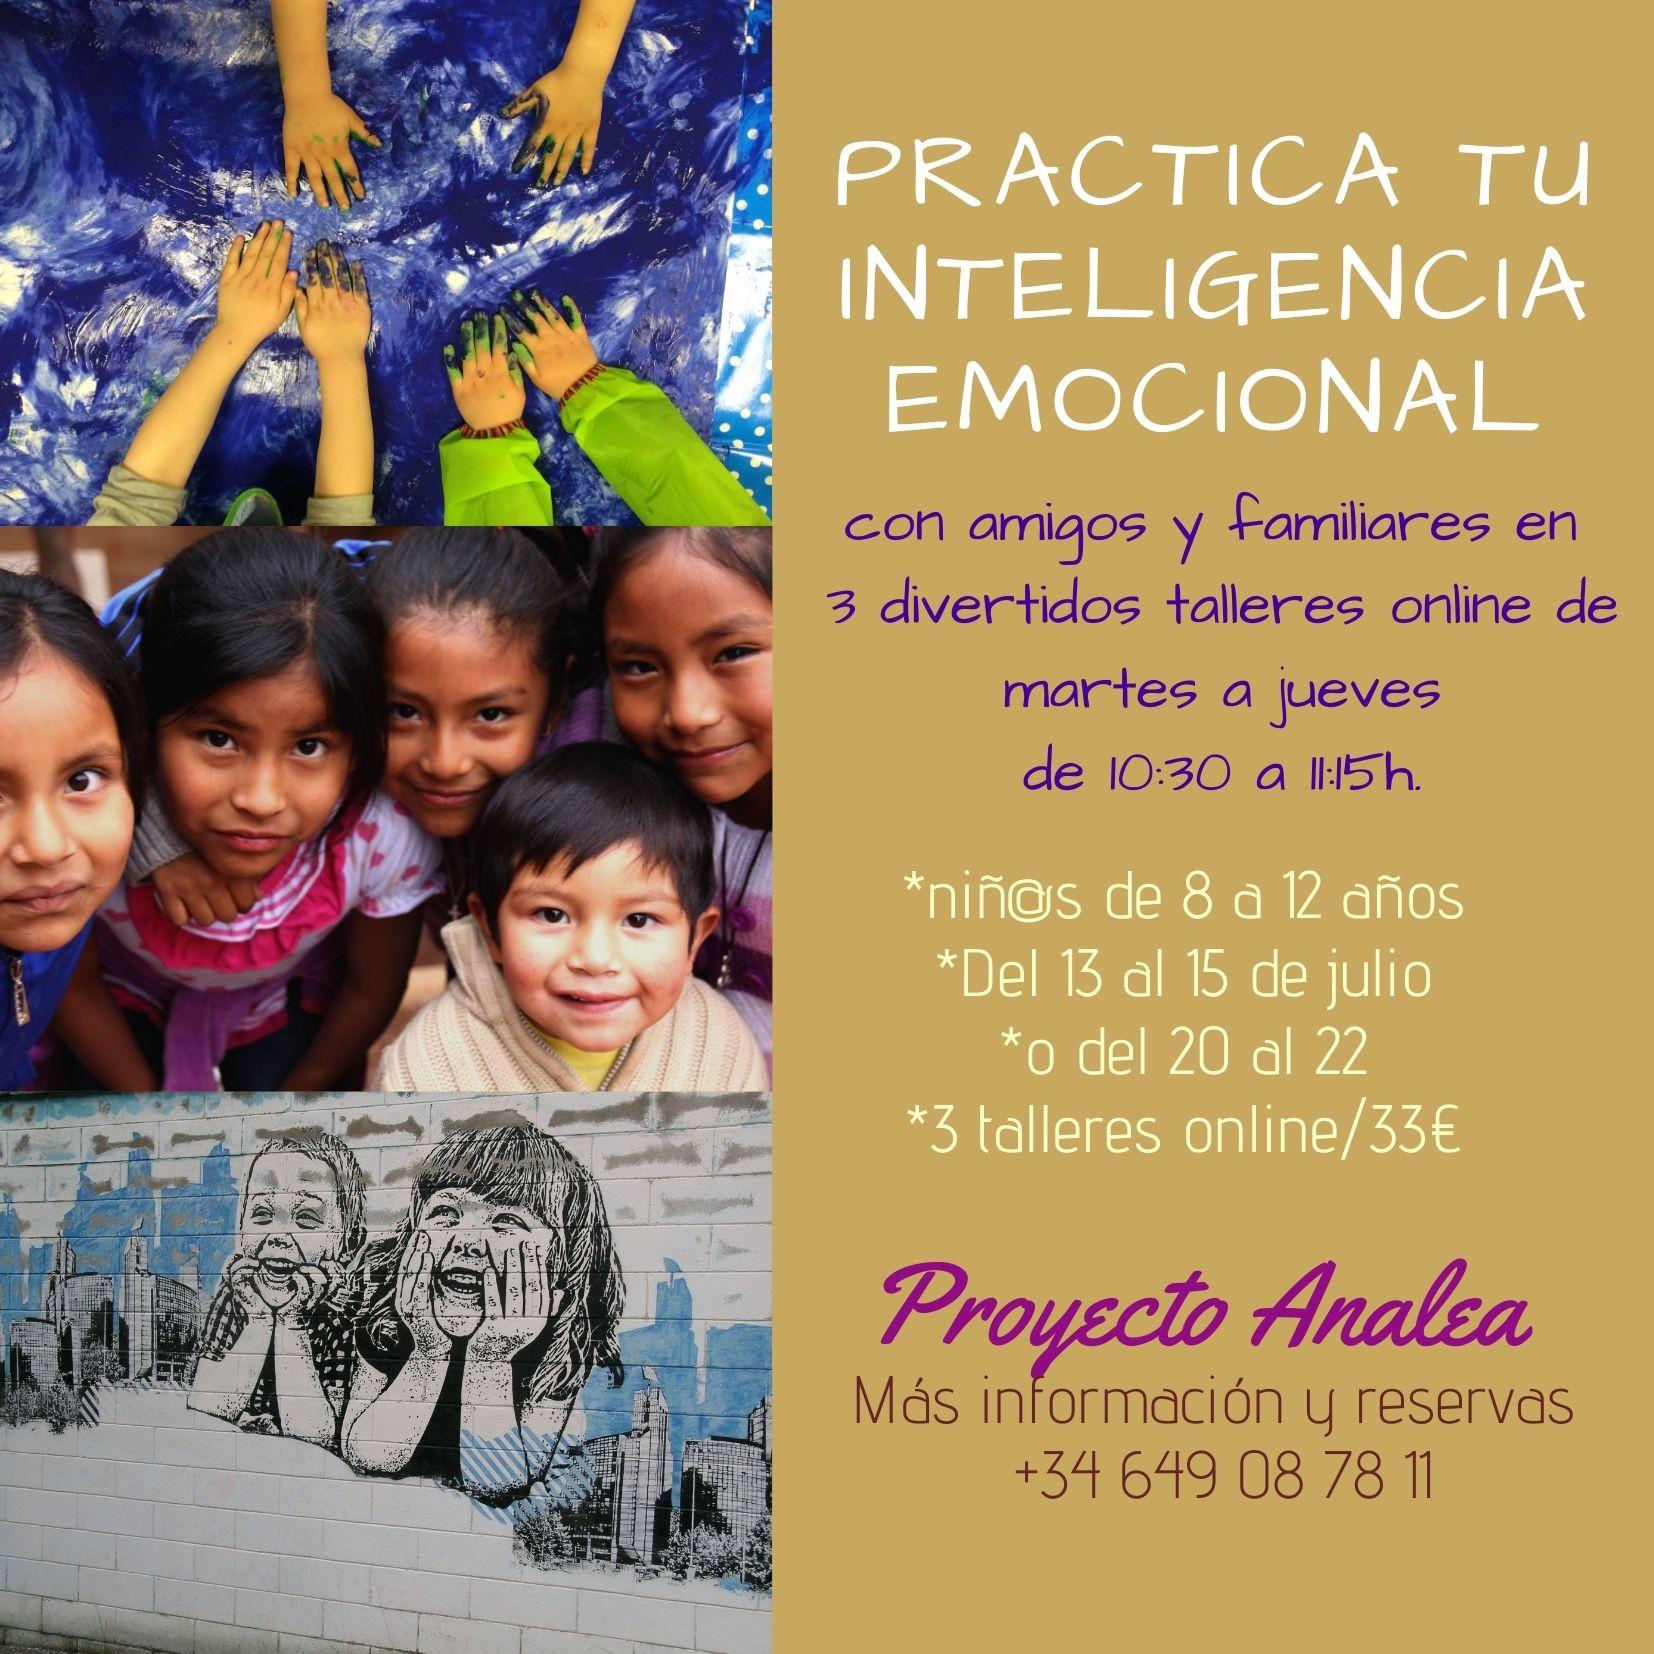 Inteligencia Emocional para niños 1-3